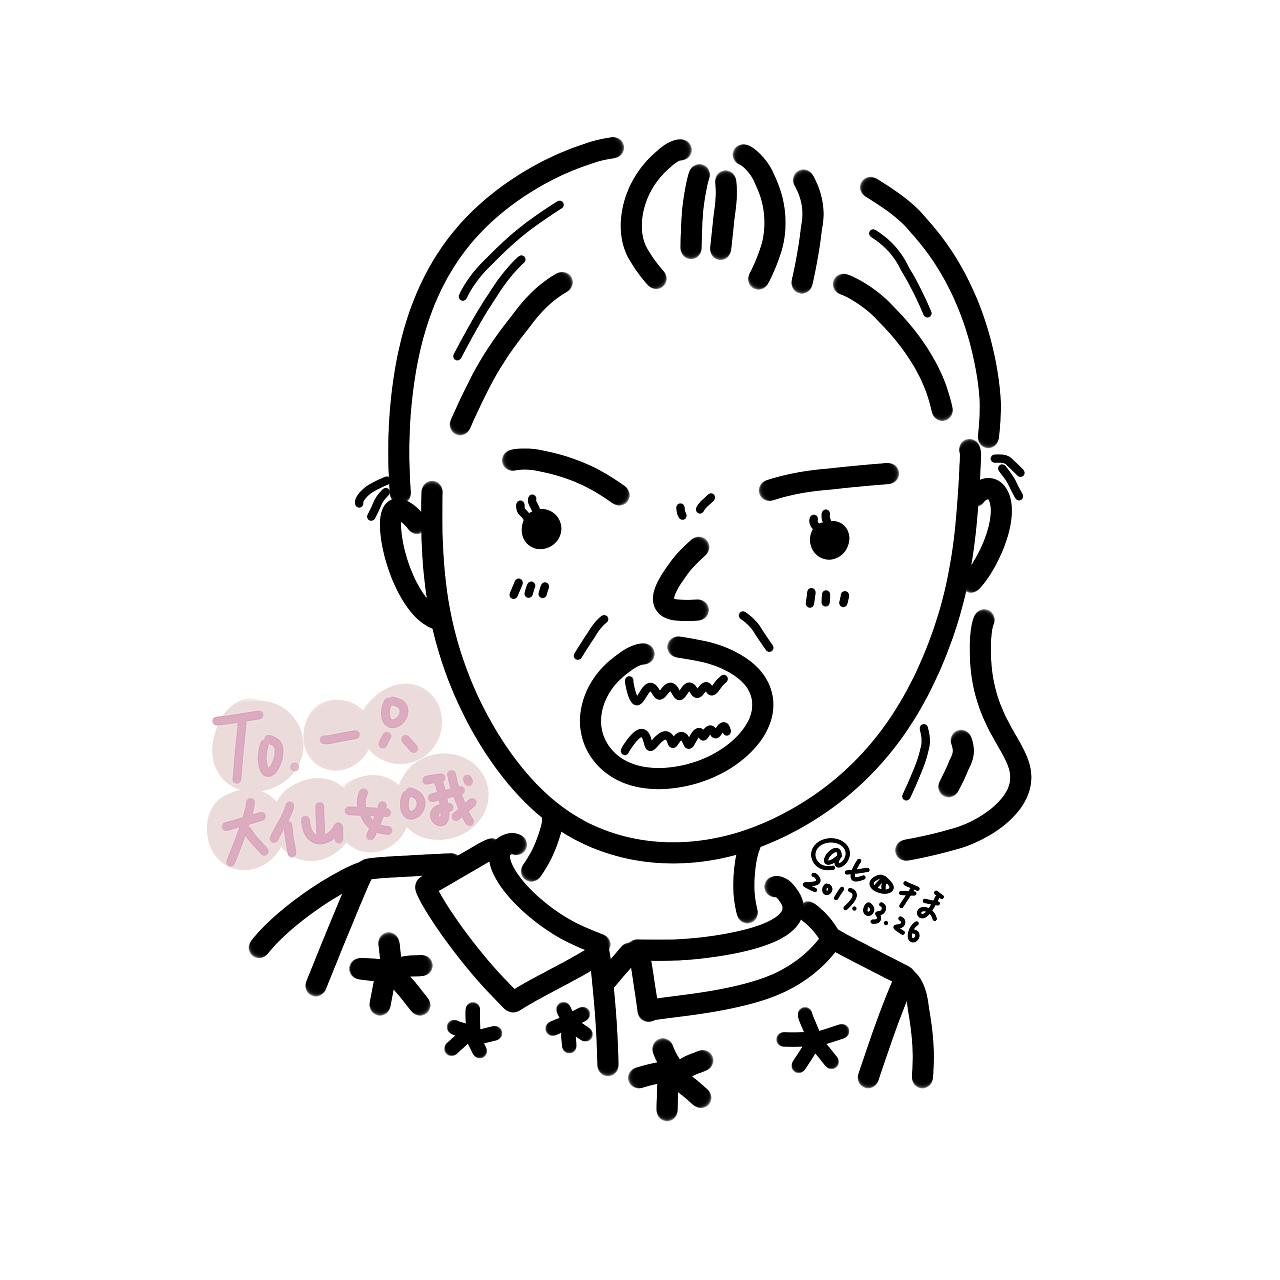 卡通风景简笔画囹�a_动漫 简笔画 卡通 漫画 手绘 头像 线稿 1280_1280